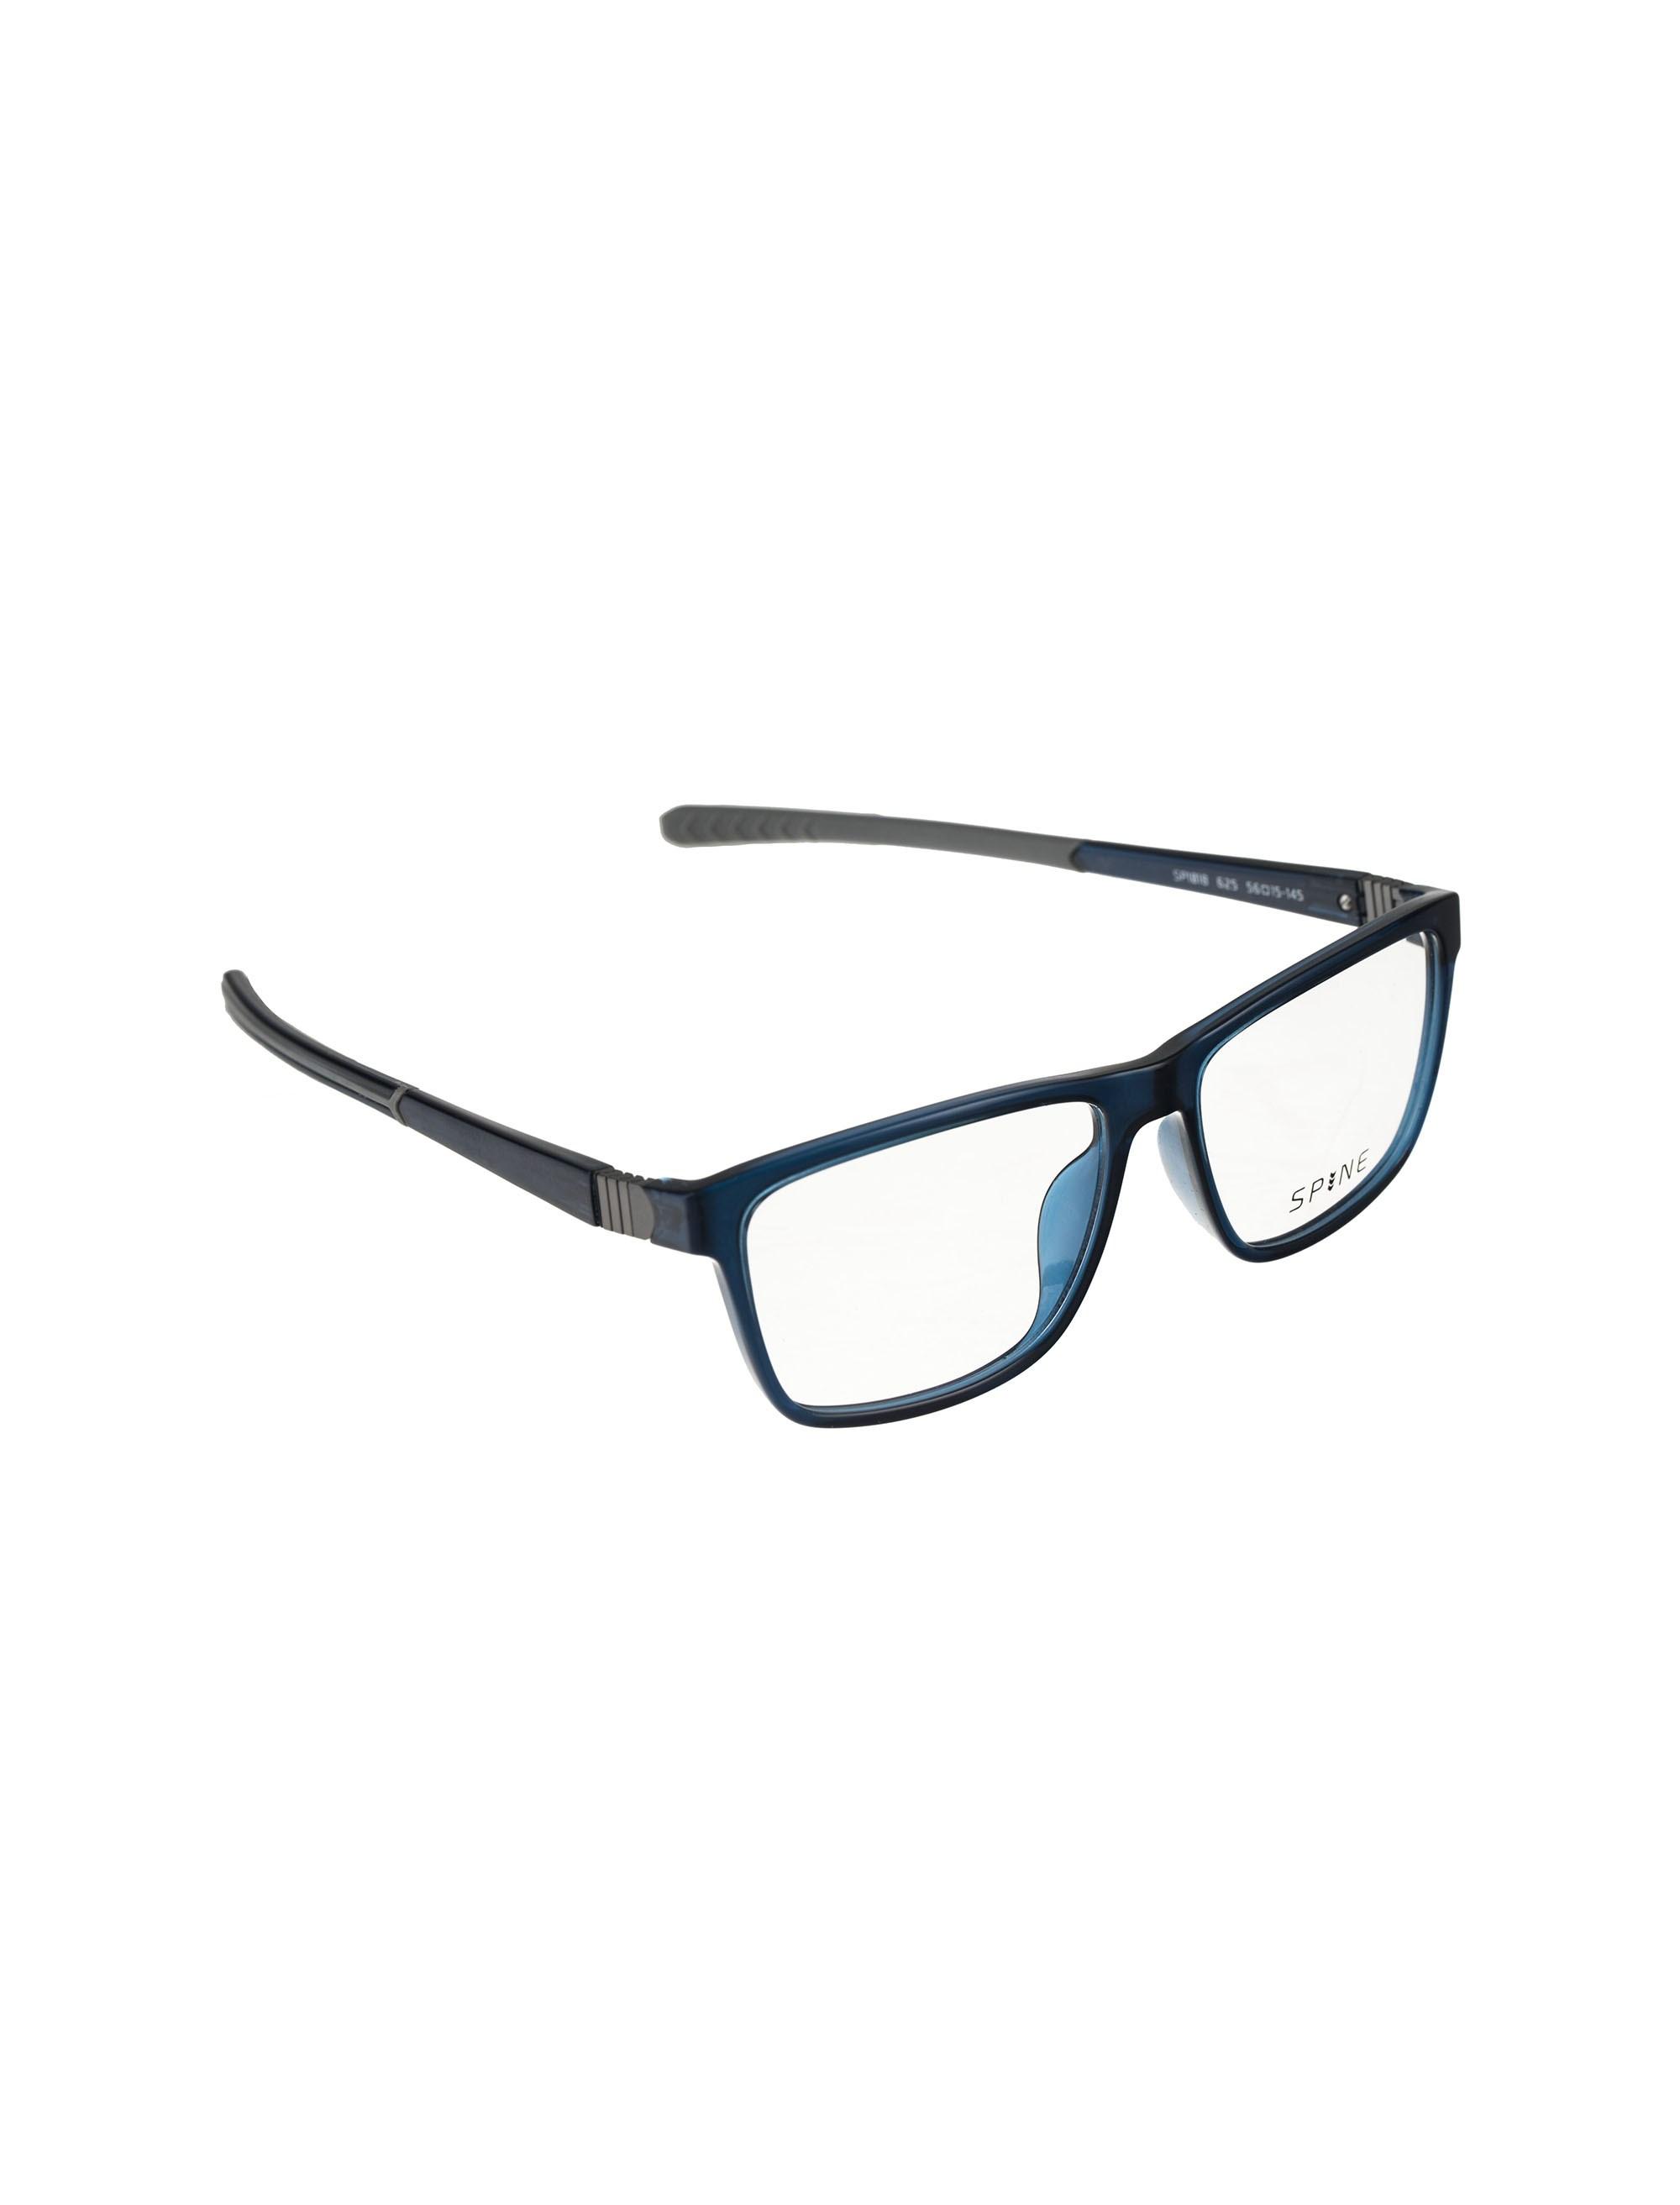 عینک طبی ویفرر زنانه - اسپاین - سرمه اي - 2